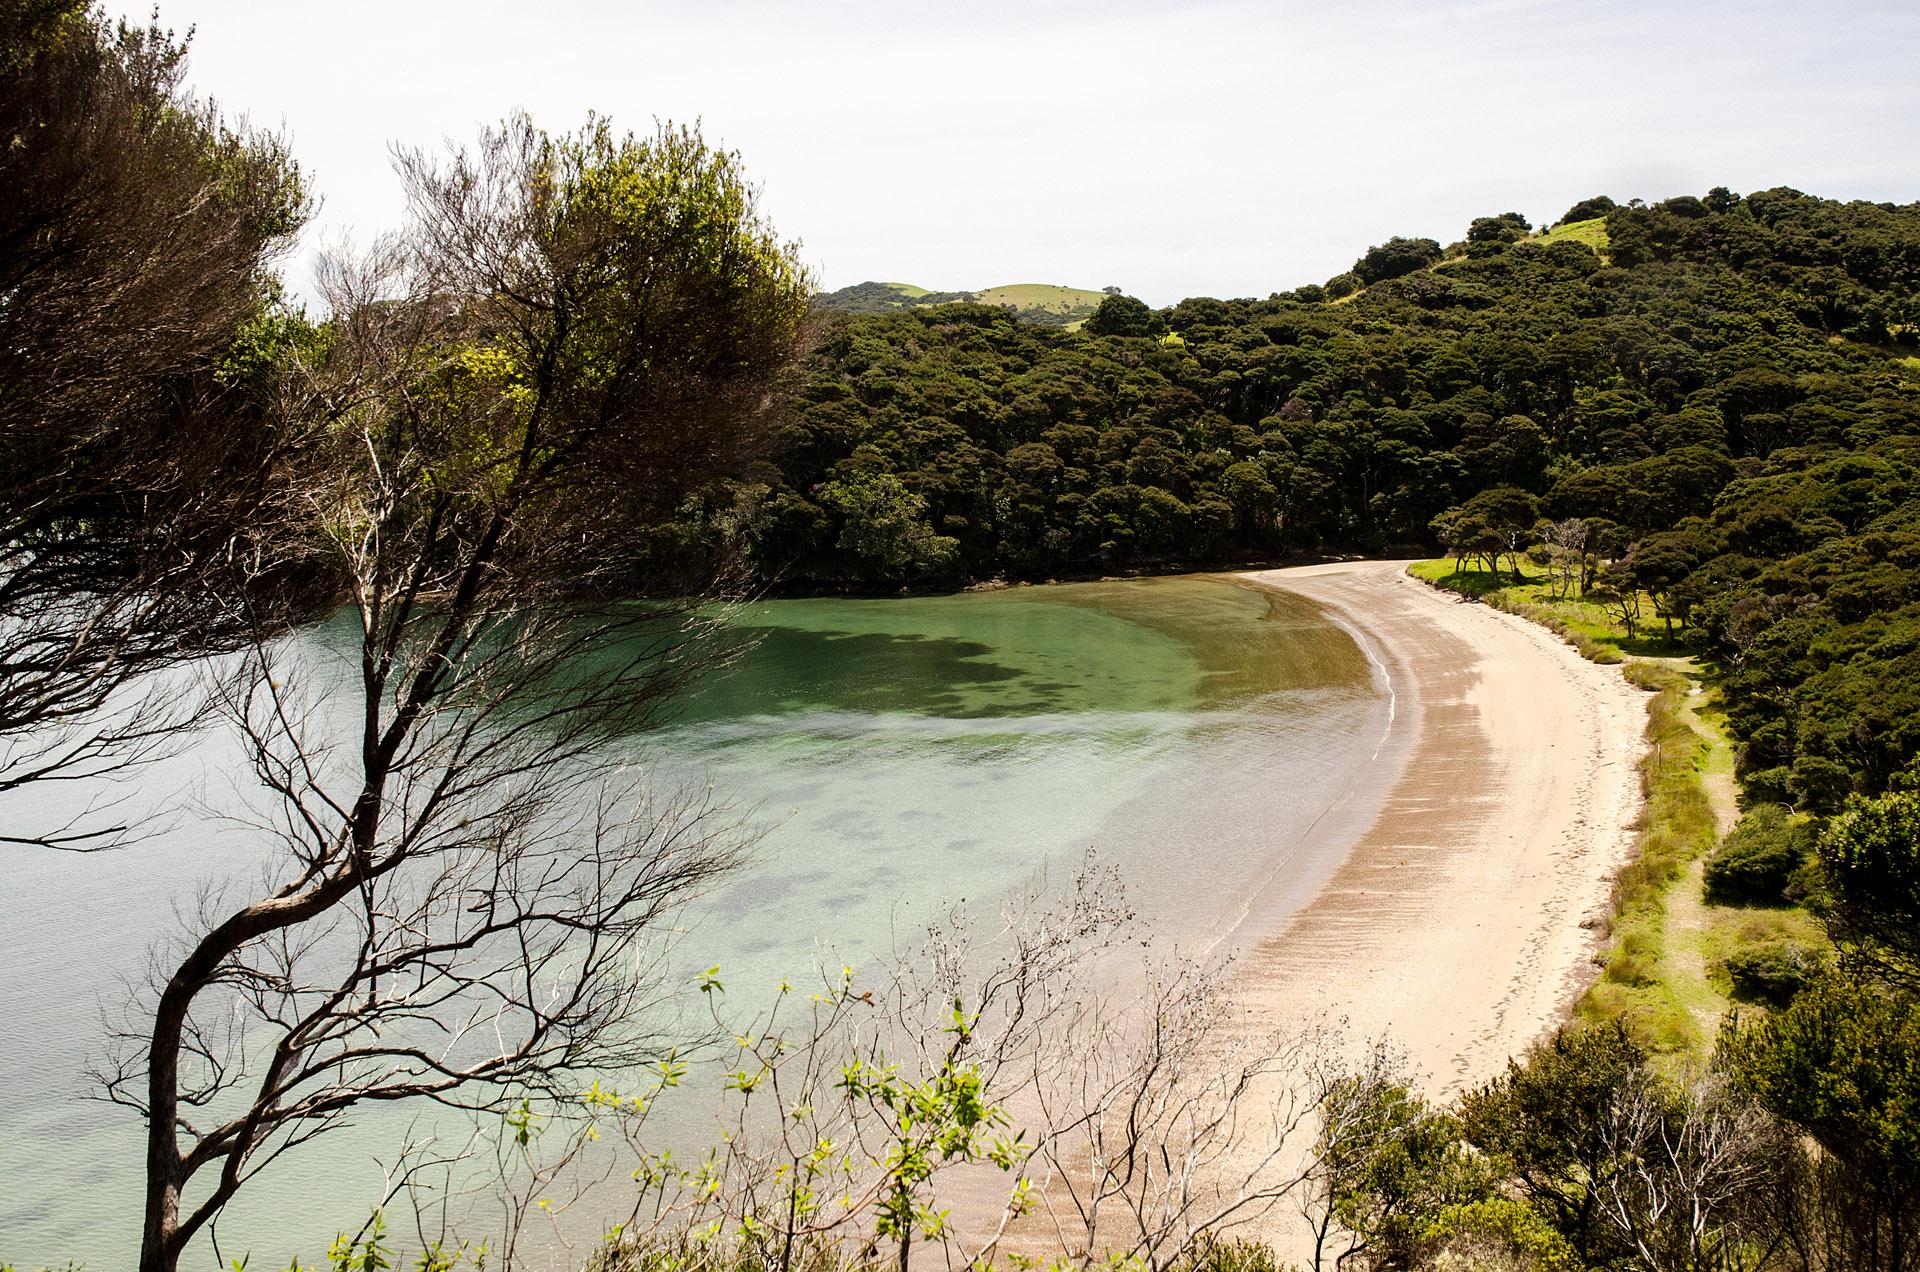 Entico Bay